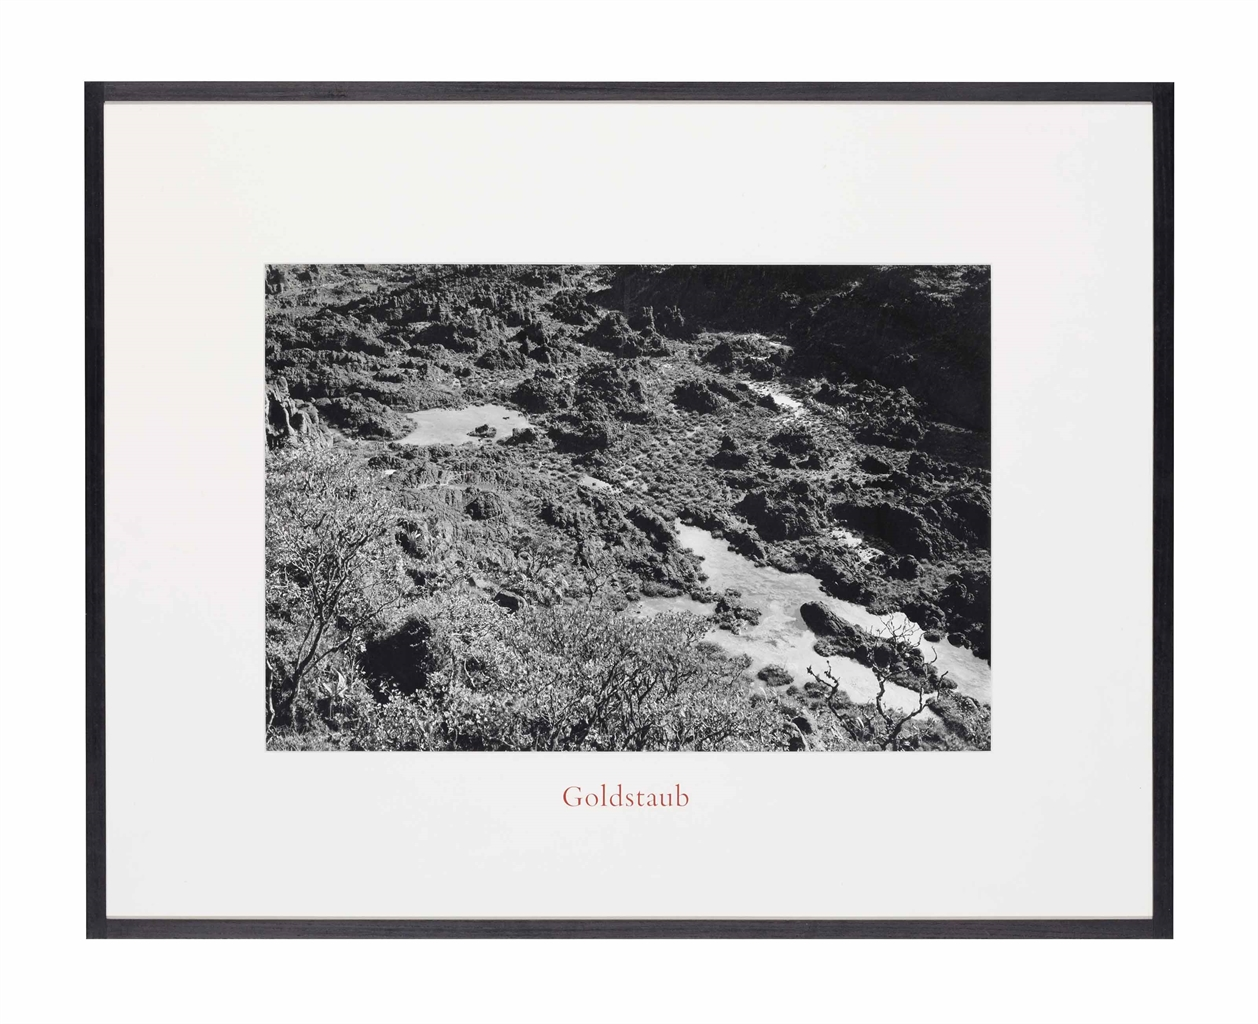 Lothar Baumgarten-Goldstaub (Gold Dust)-1977